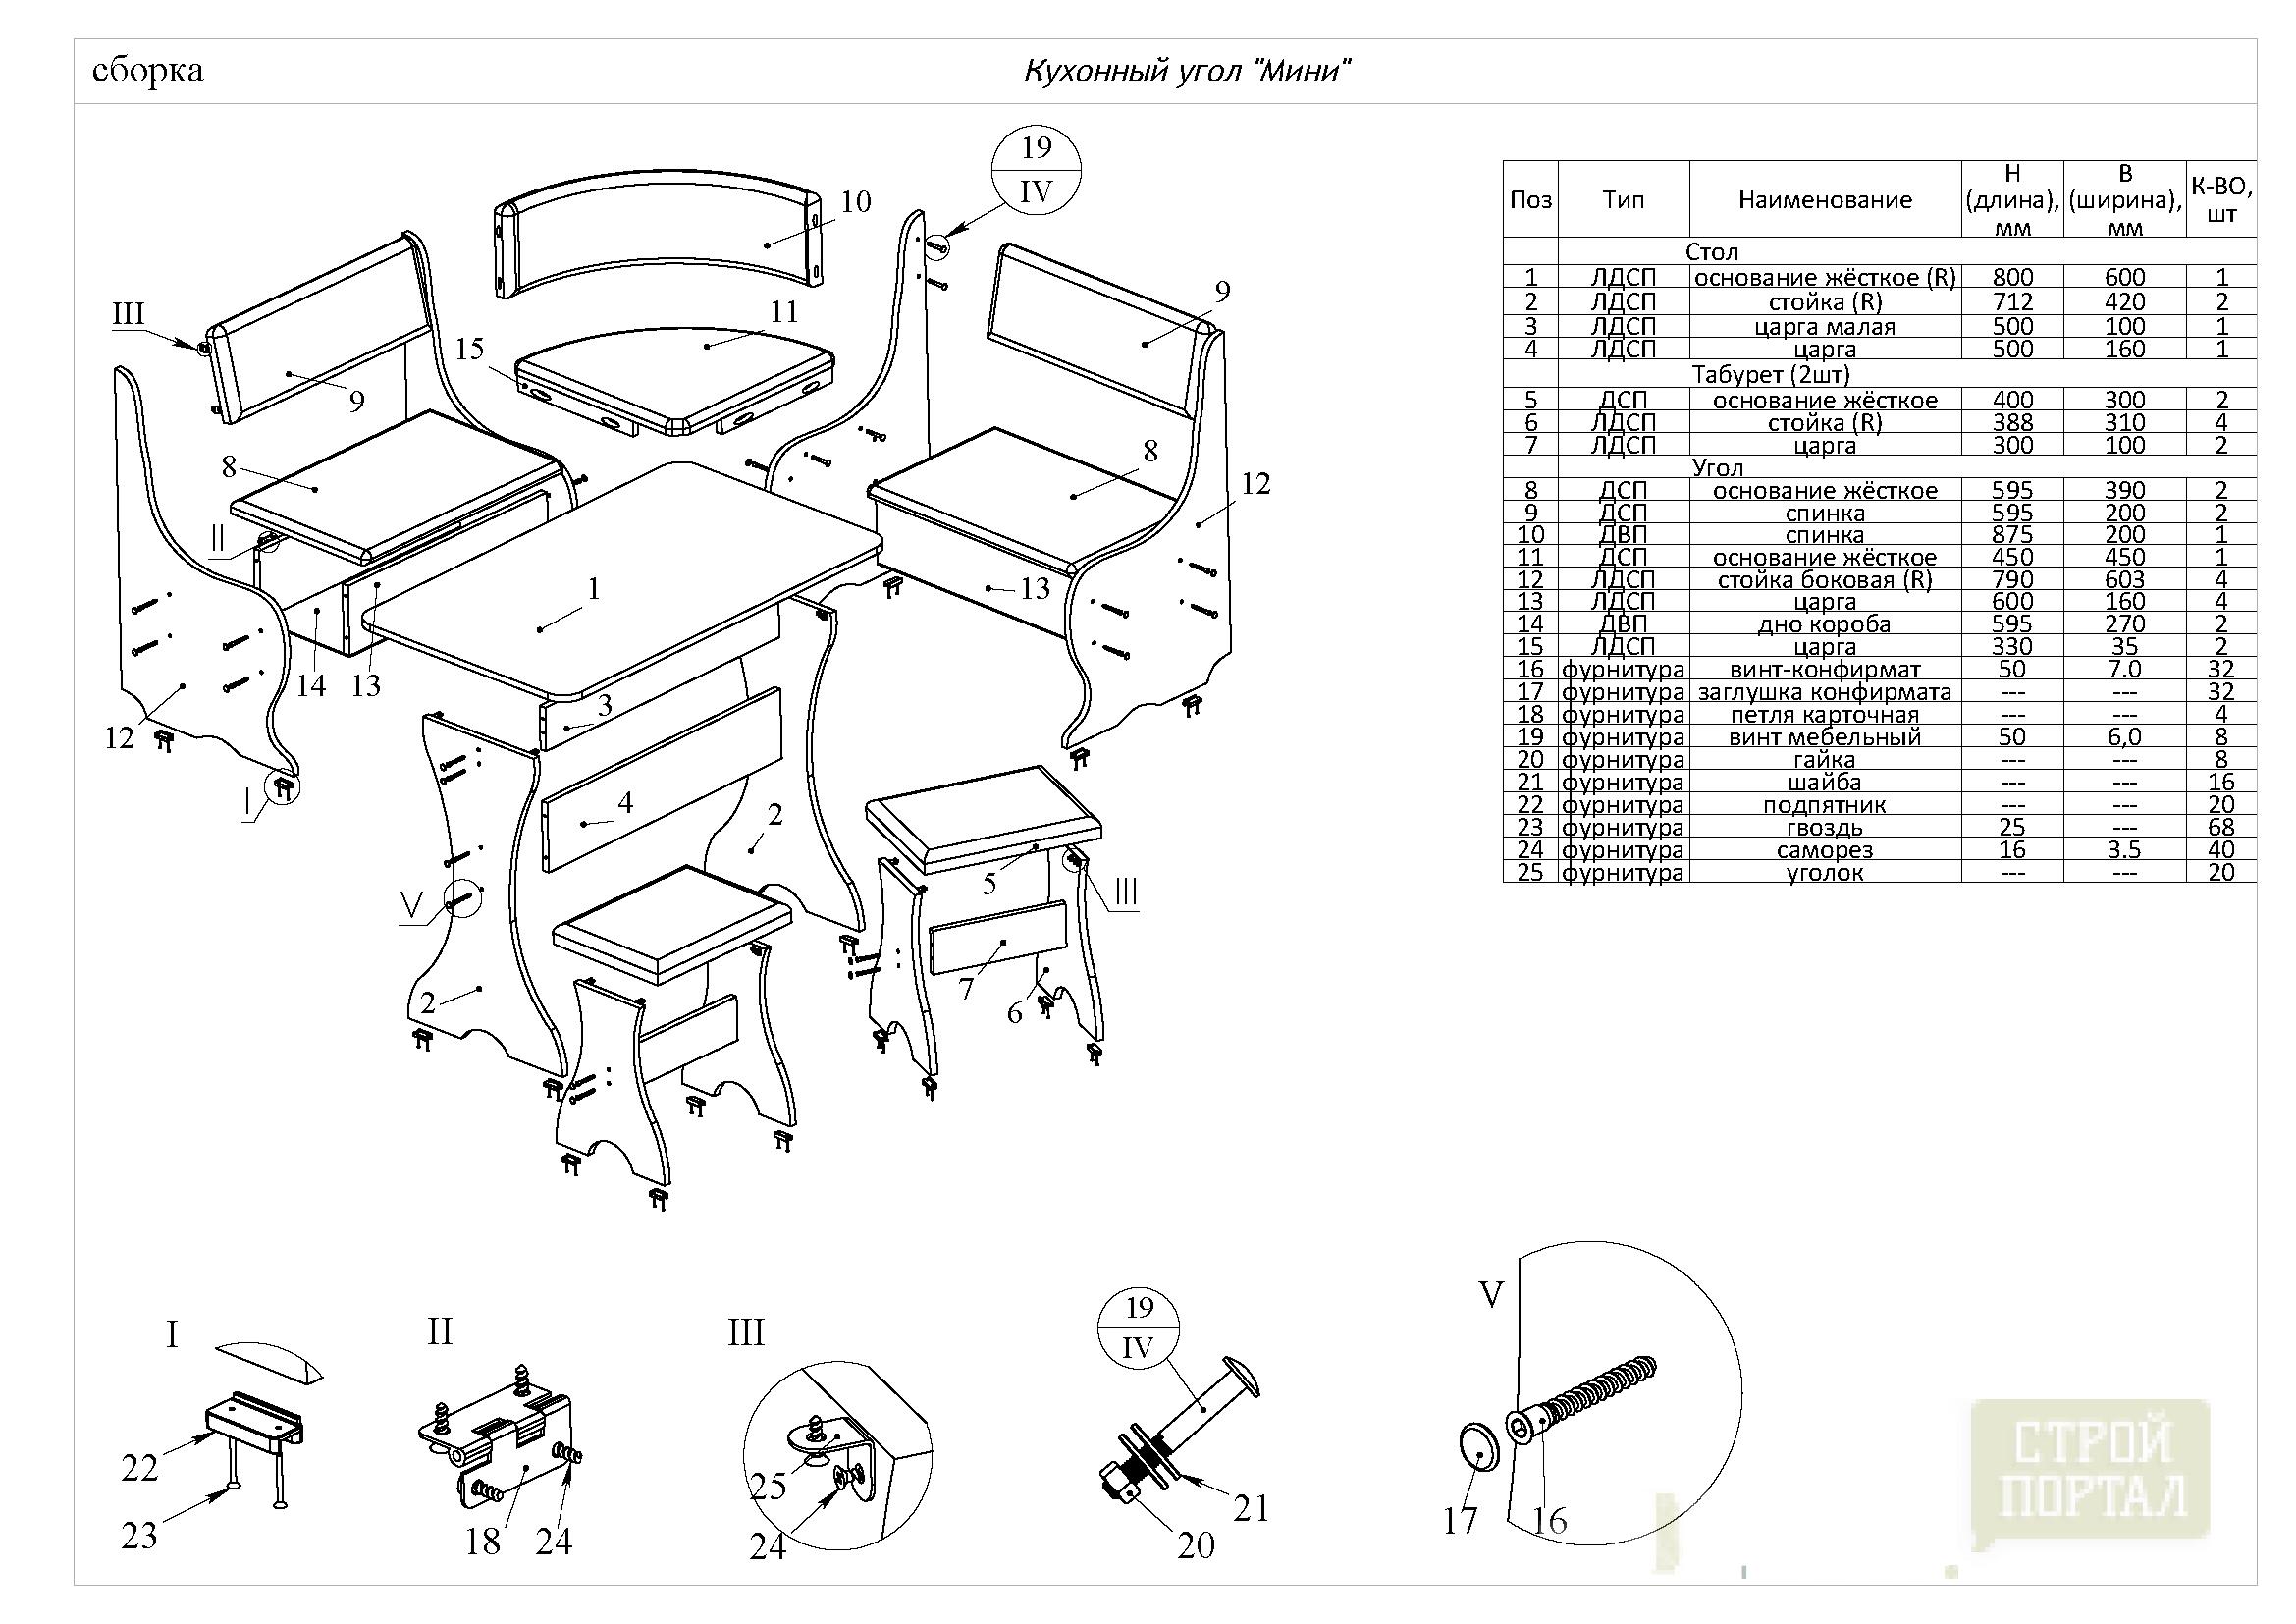 Кухонные уголки инструкция